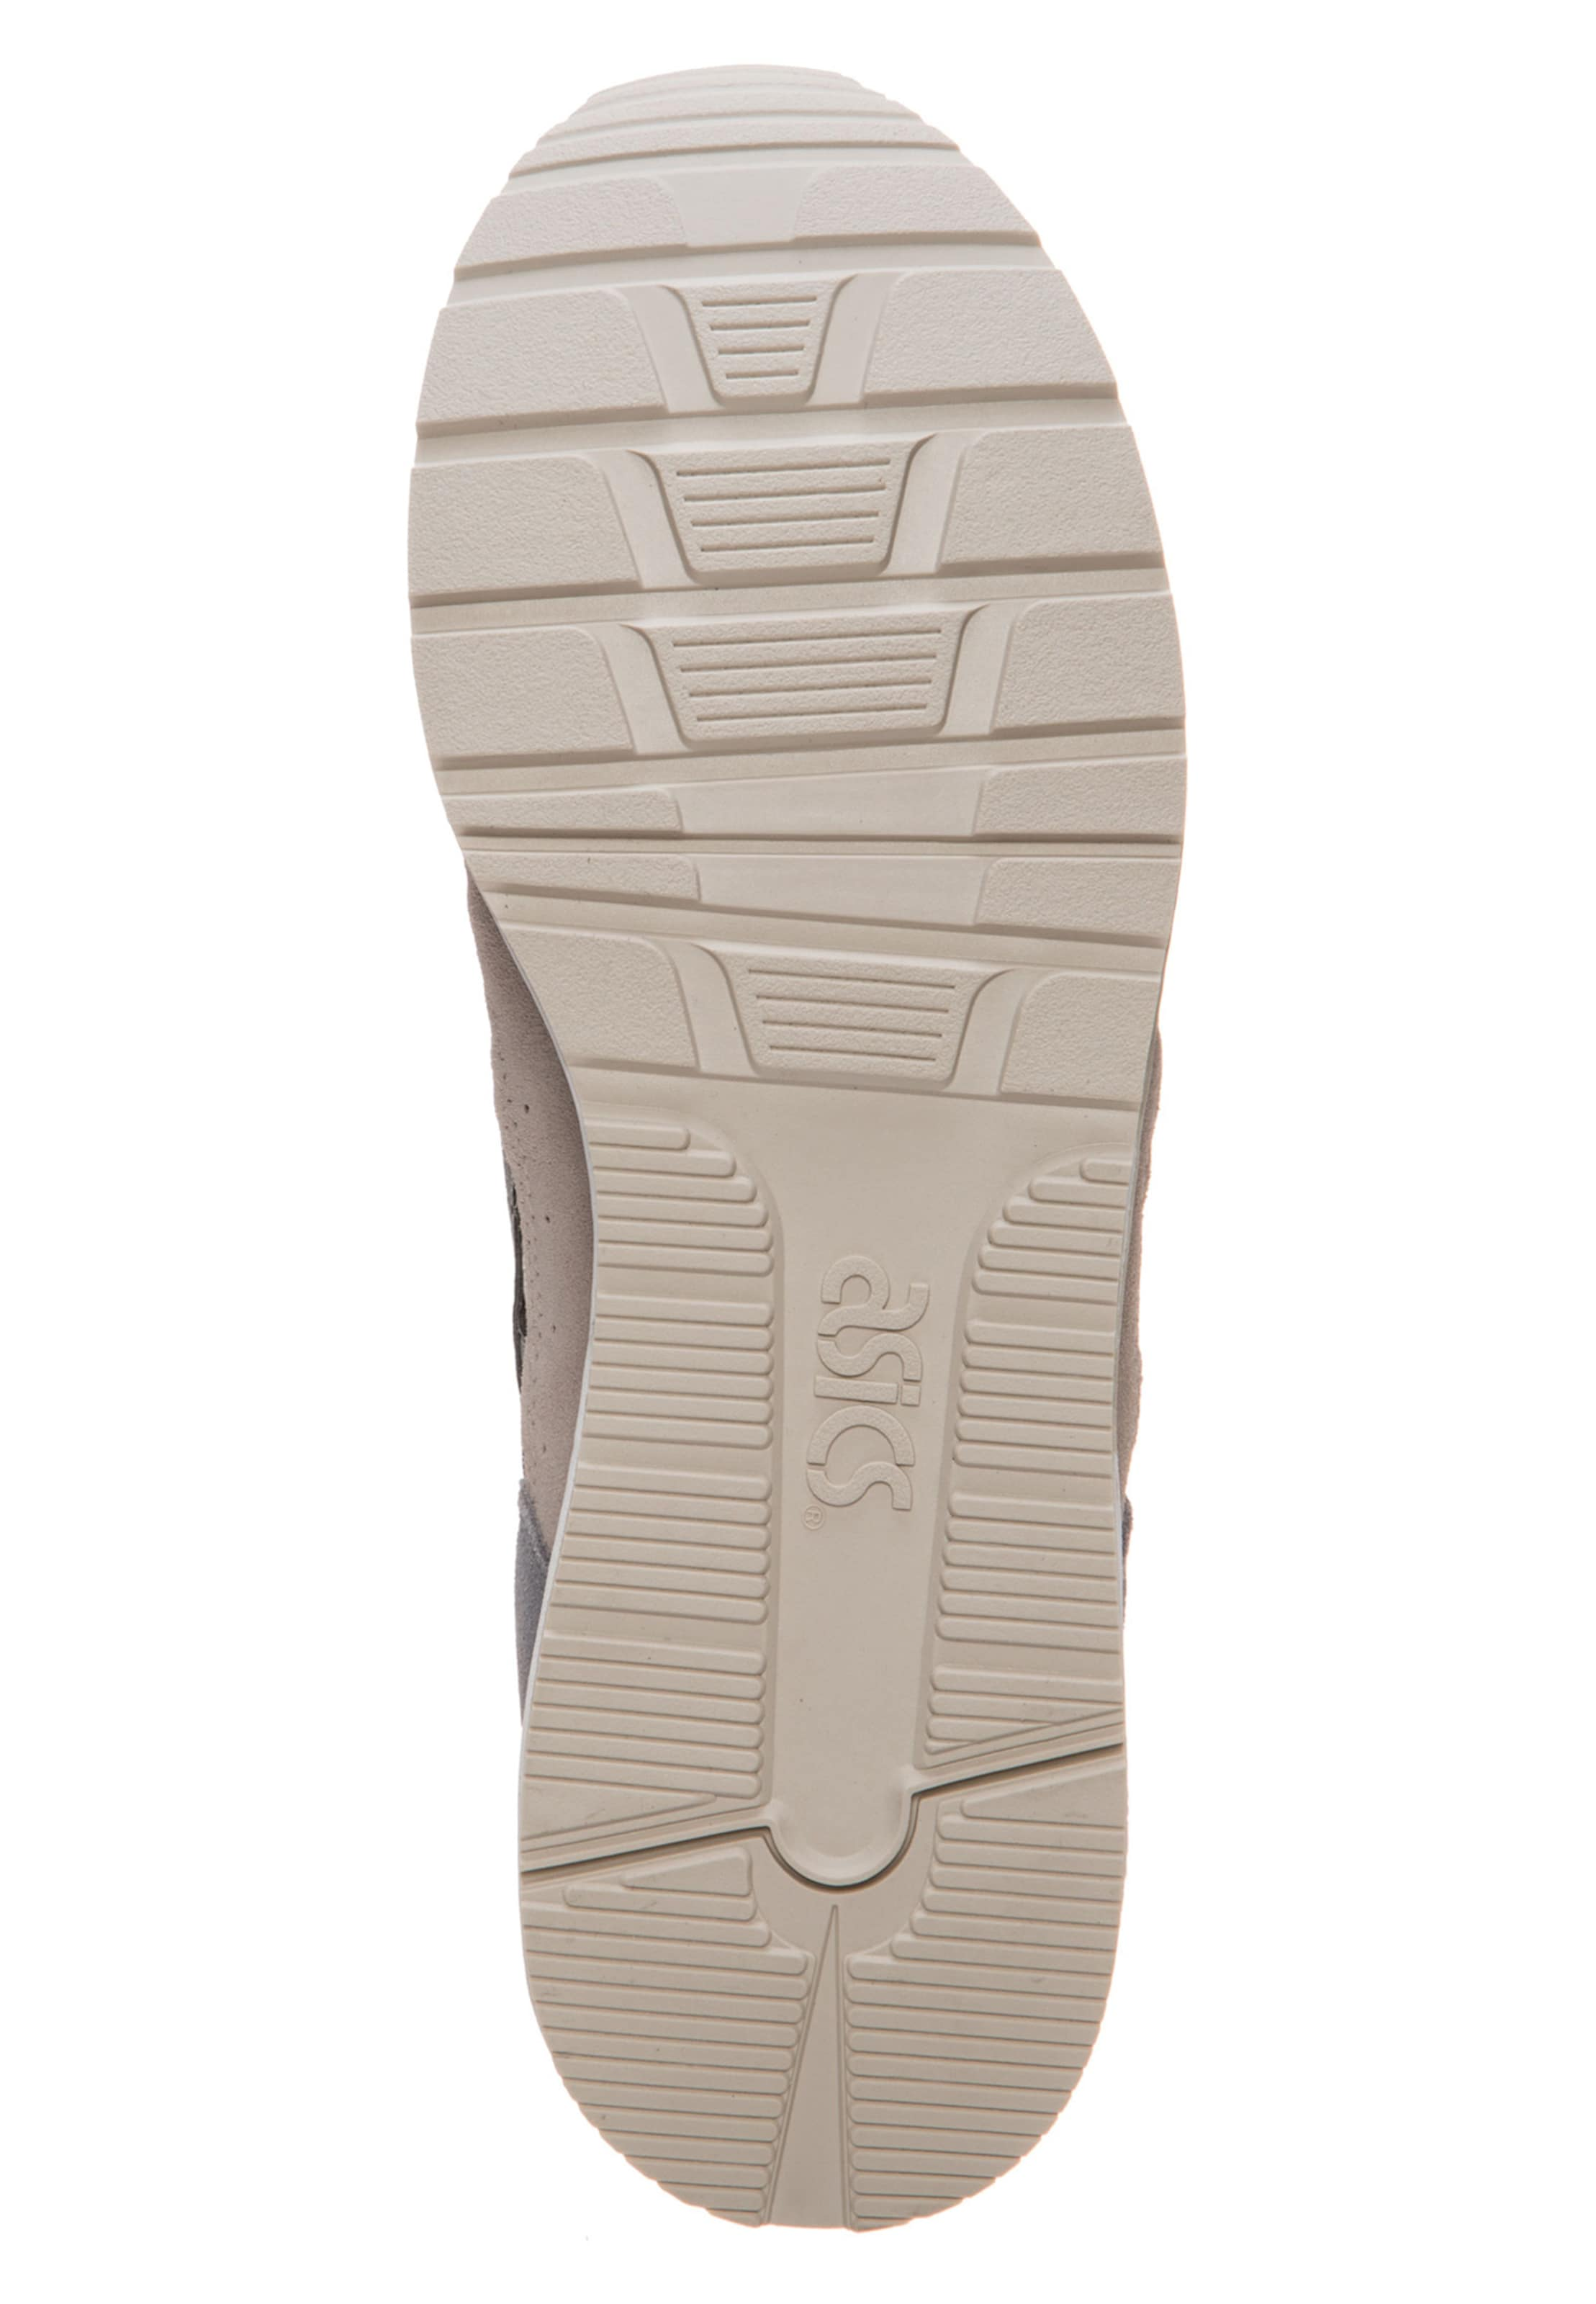 Asics Tiger 'Gel-Lyte' Sneaker Herren Manchester Großer Verkauf Günstig Online Neuesten Kollektionen 0LS5JmIev